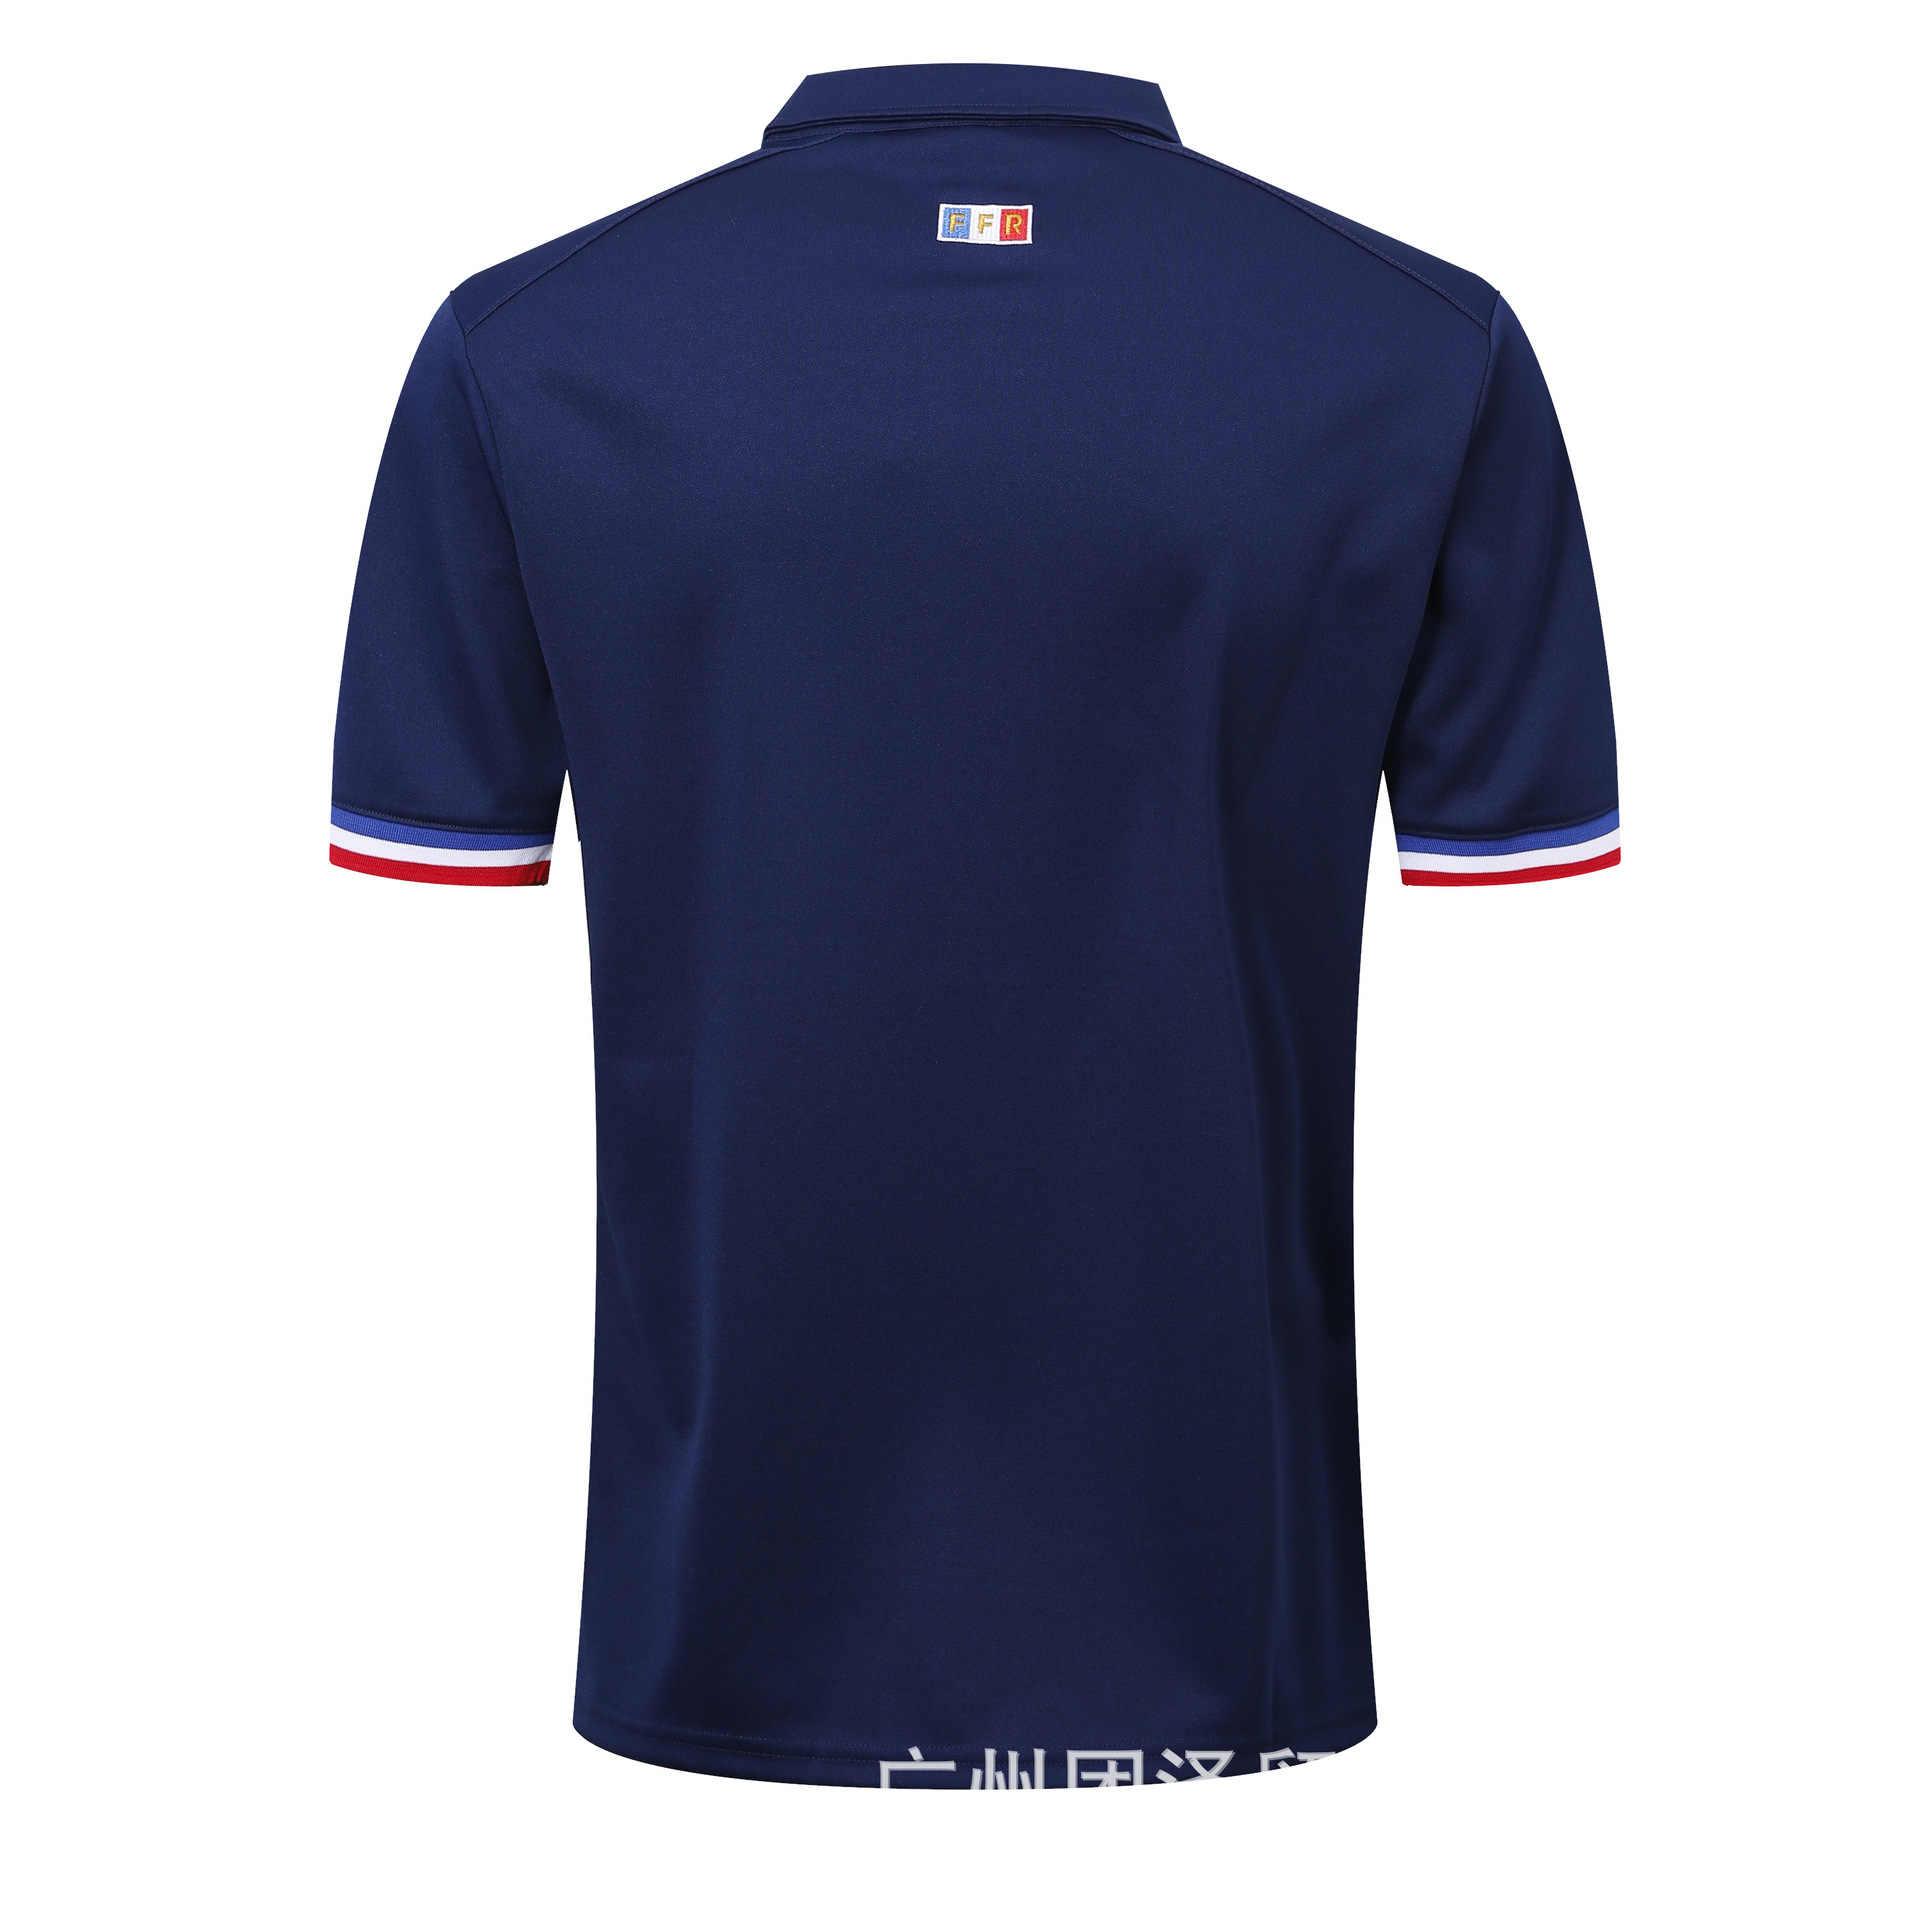 2018 france sapphire azul polo camisa de rugby S-3xl